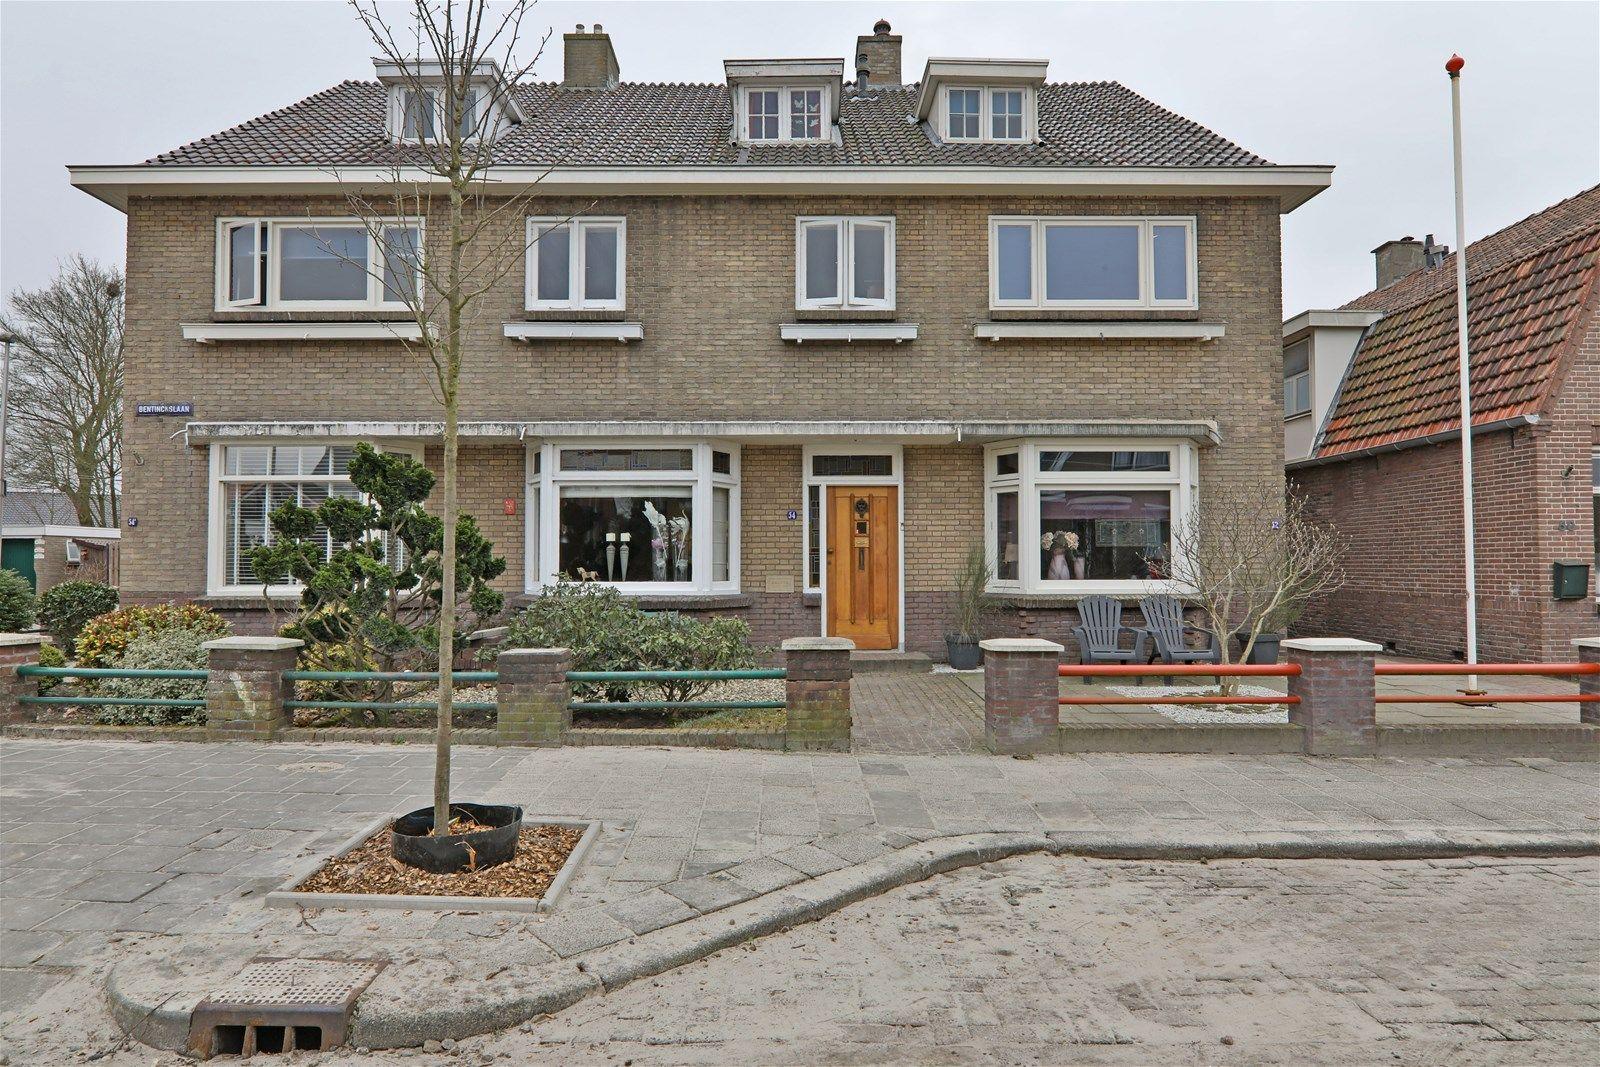 Bentinckslaan 54, Hoogeveen